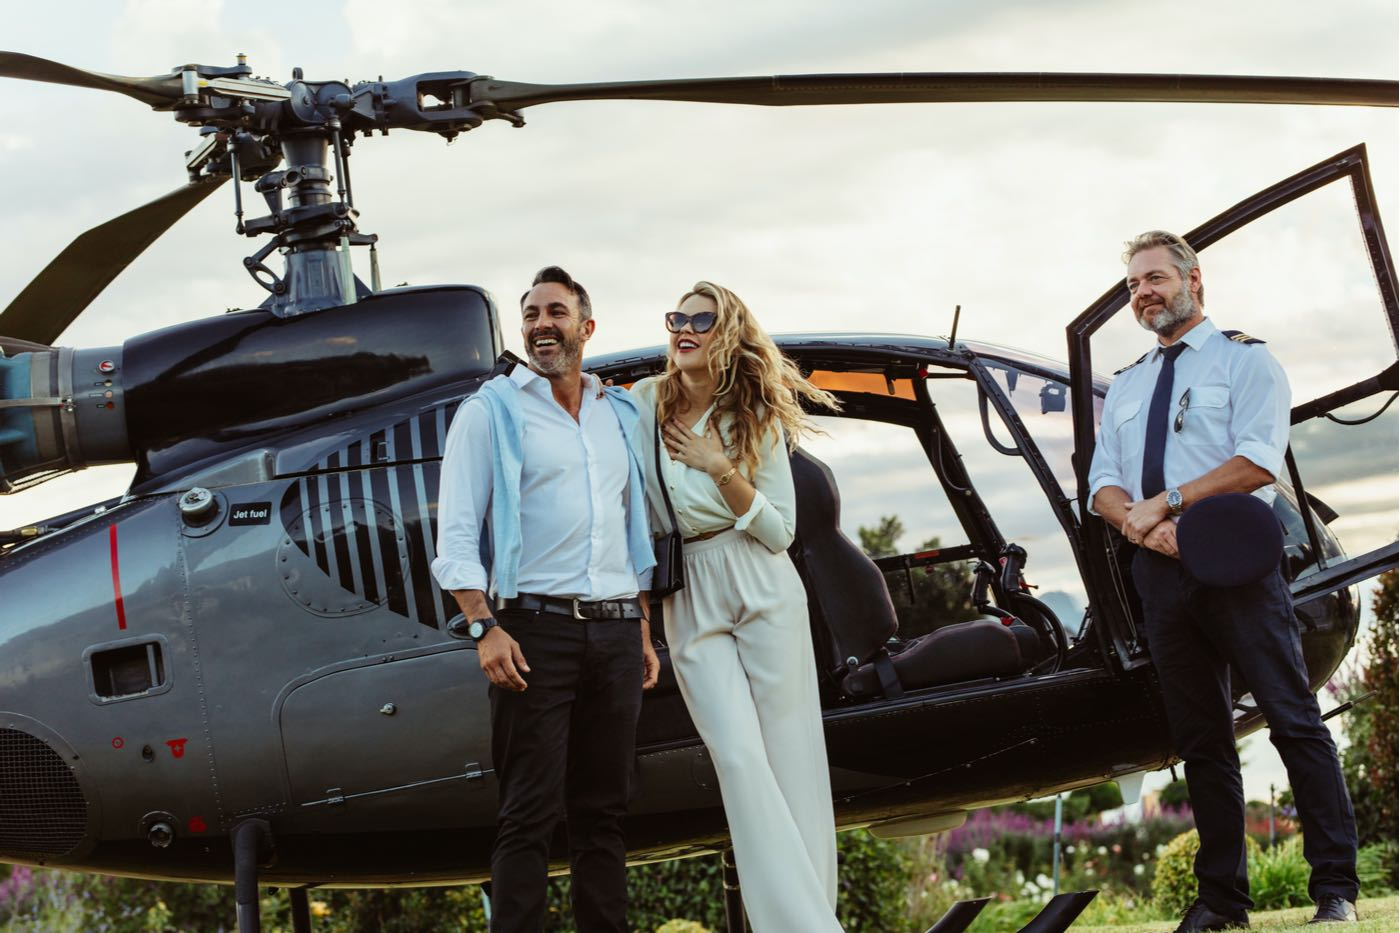 Mandarin Oriental lanza una experiencia en helicóptero '5-estrellas' entre el Lago de Ginebra y Lago de Como